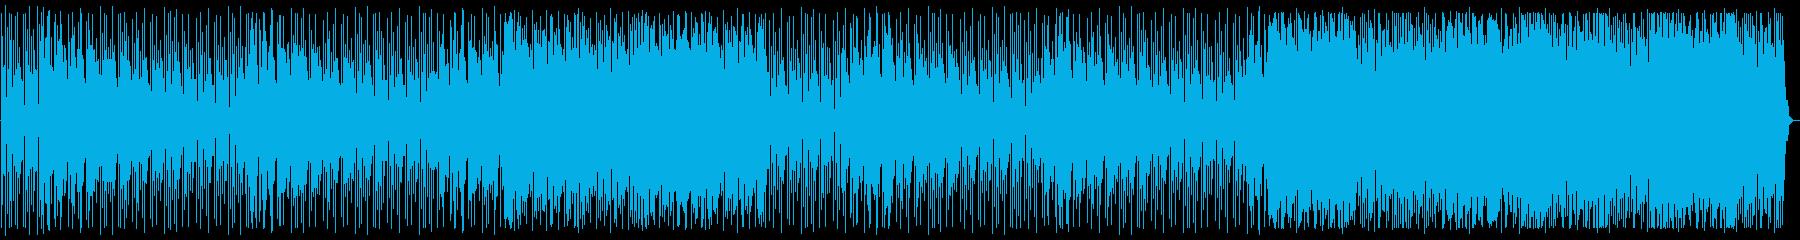 軽快な4つ打ちハウス_No583_1の再生済みの波形